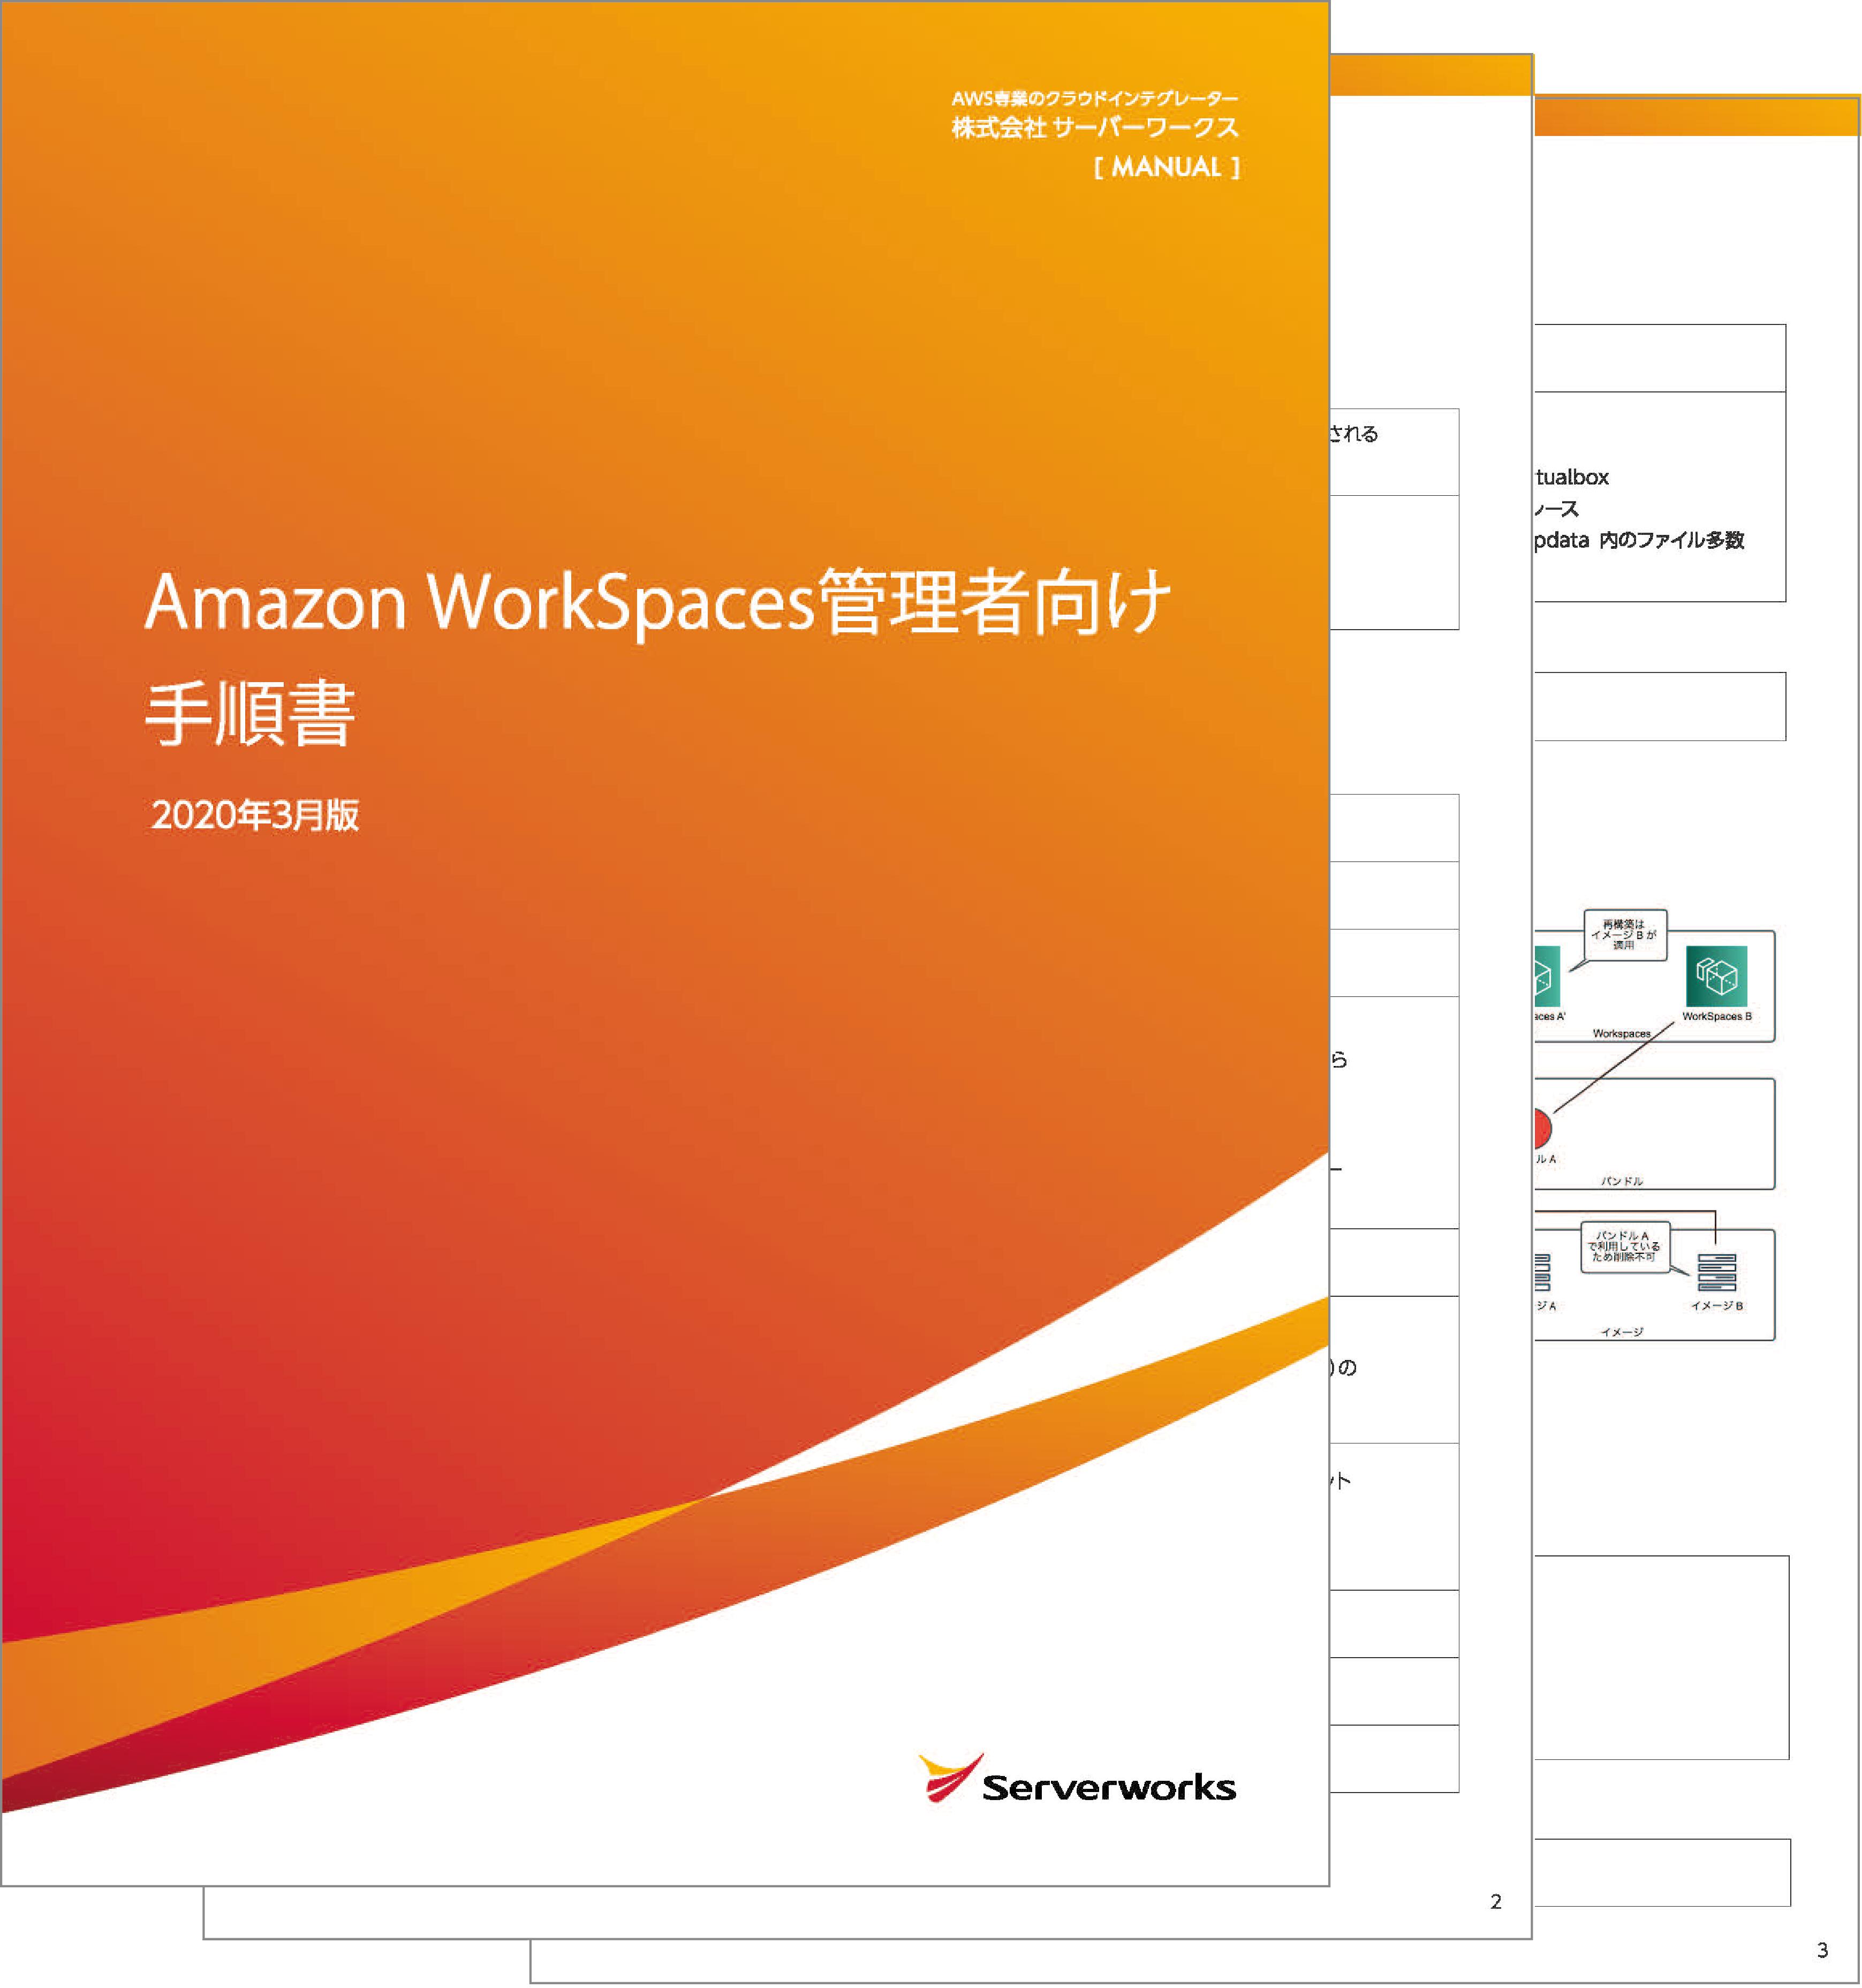 Amazon WorkSpaces導入に関する資料